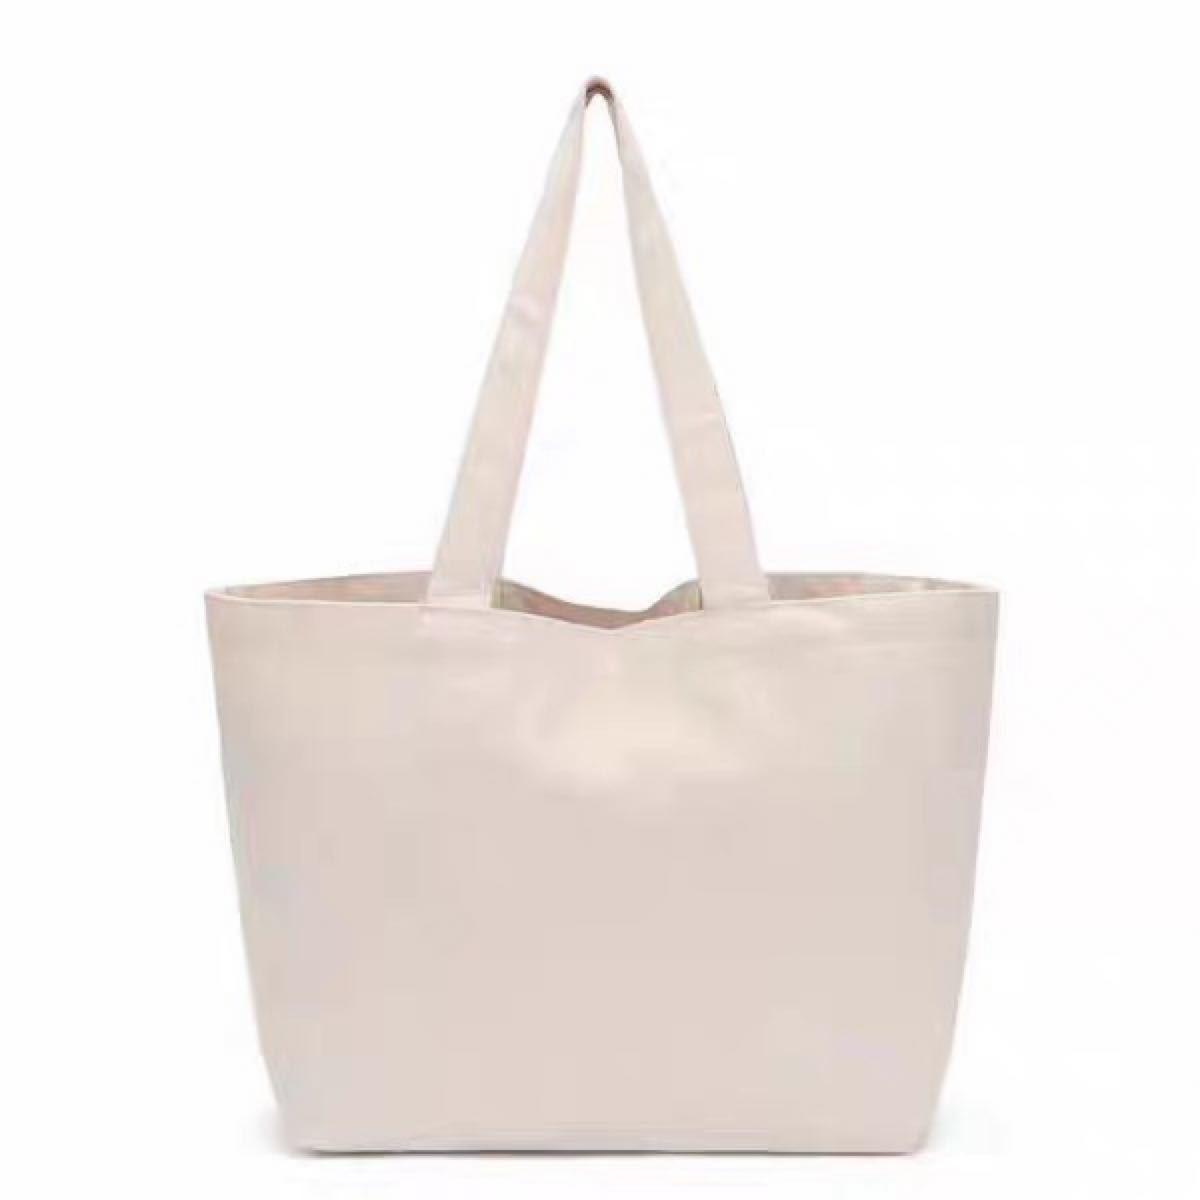 エコバッグ ミッフィー エコバッグ ショッピングバッグ 洗える 大容量 トートバッグ